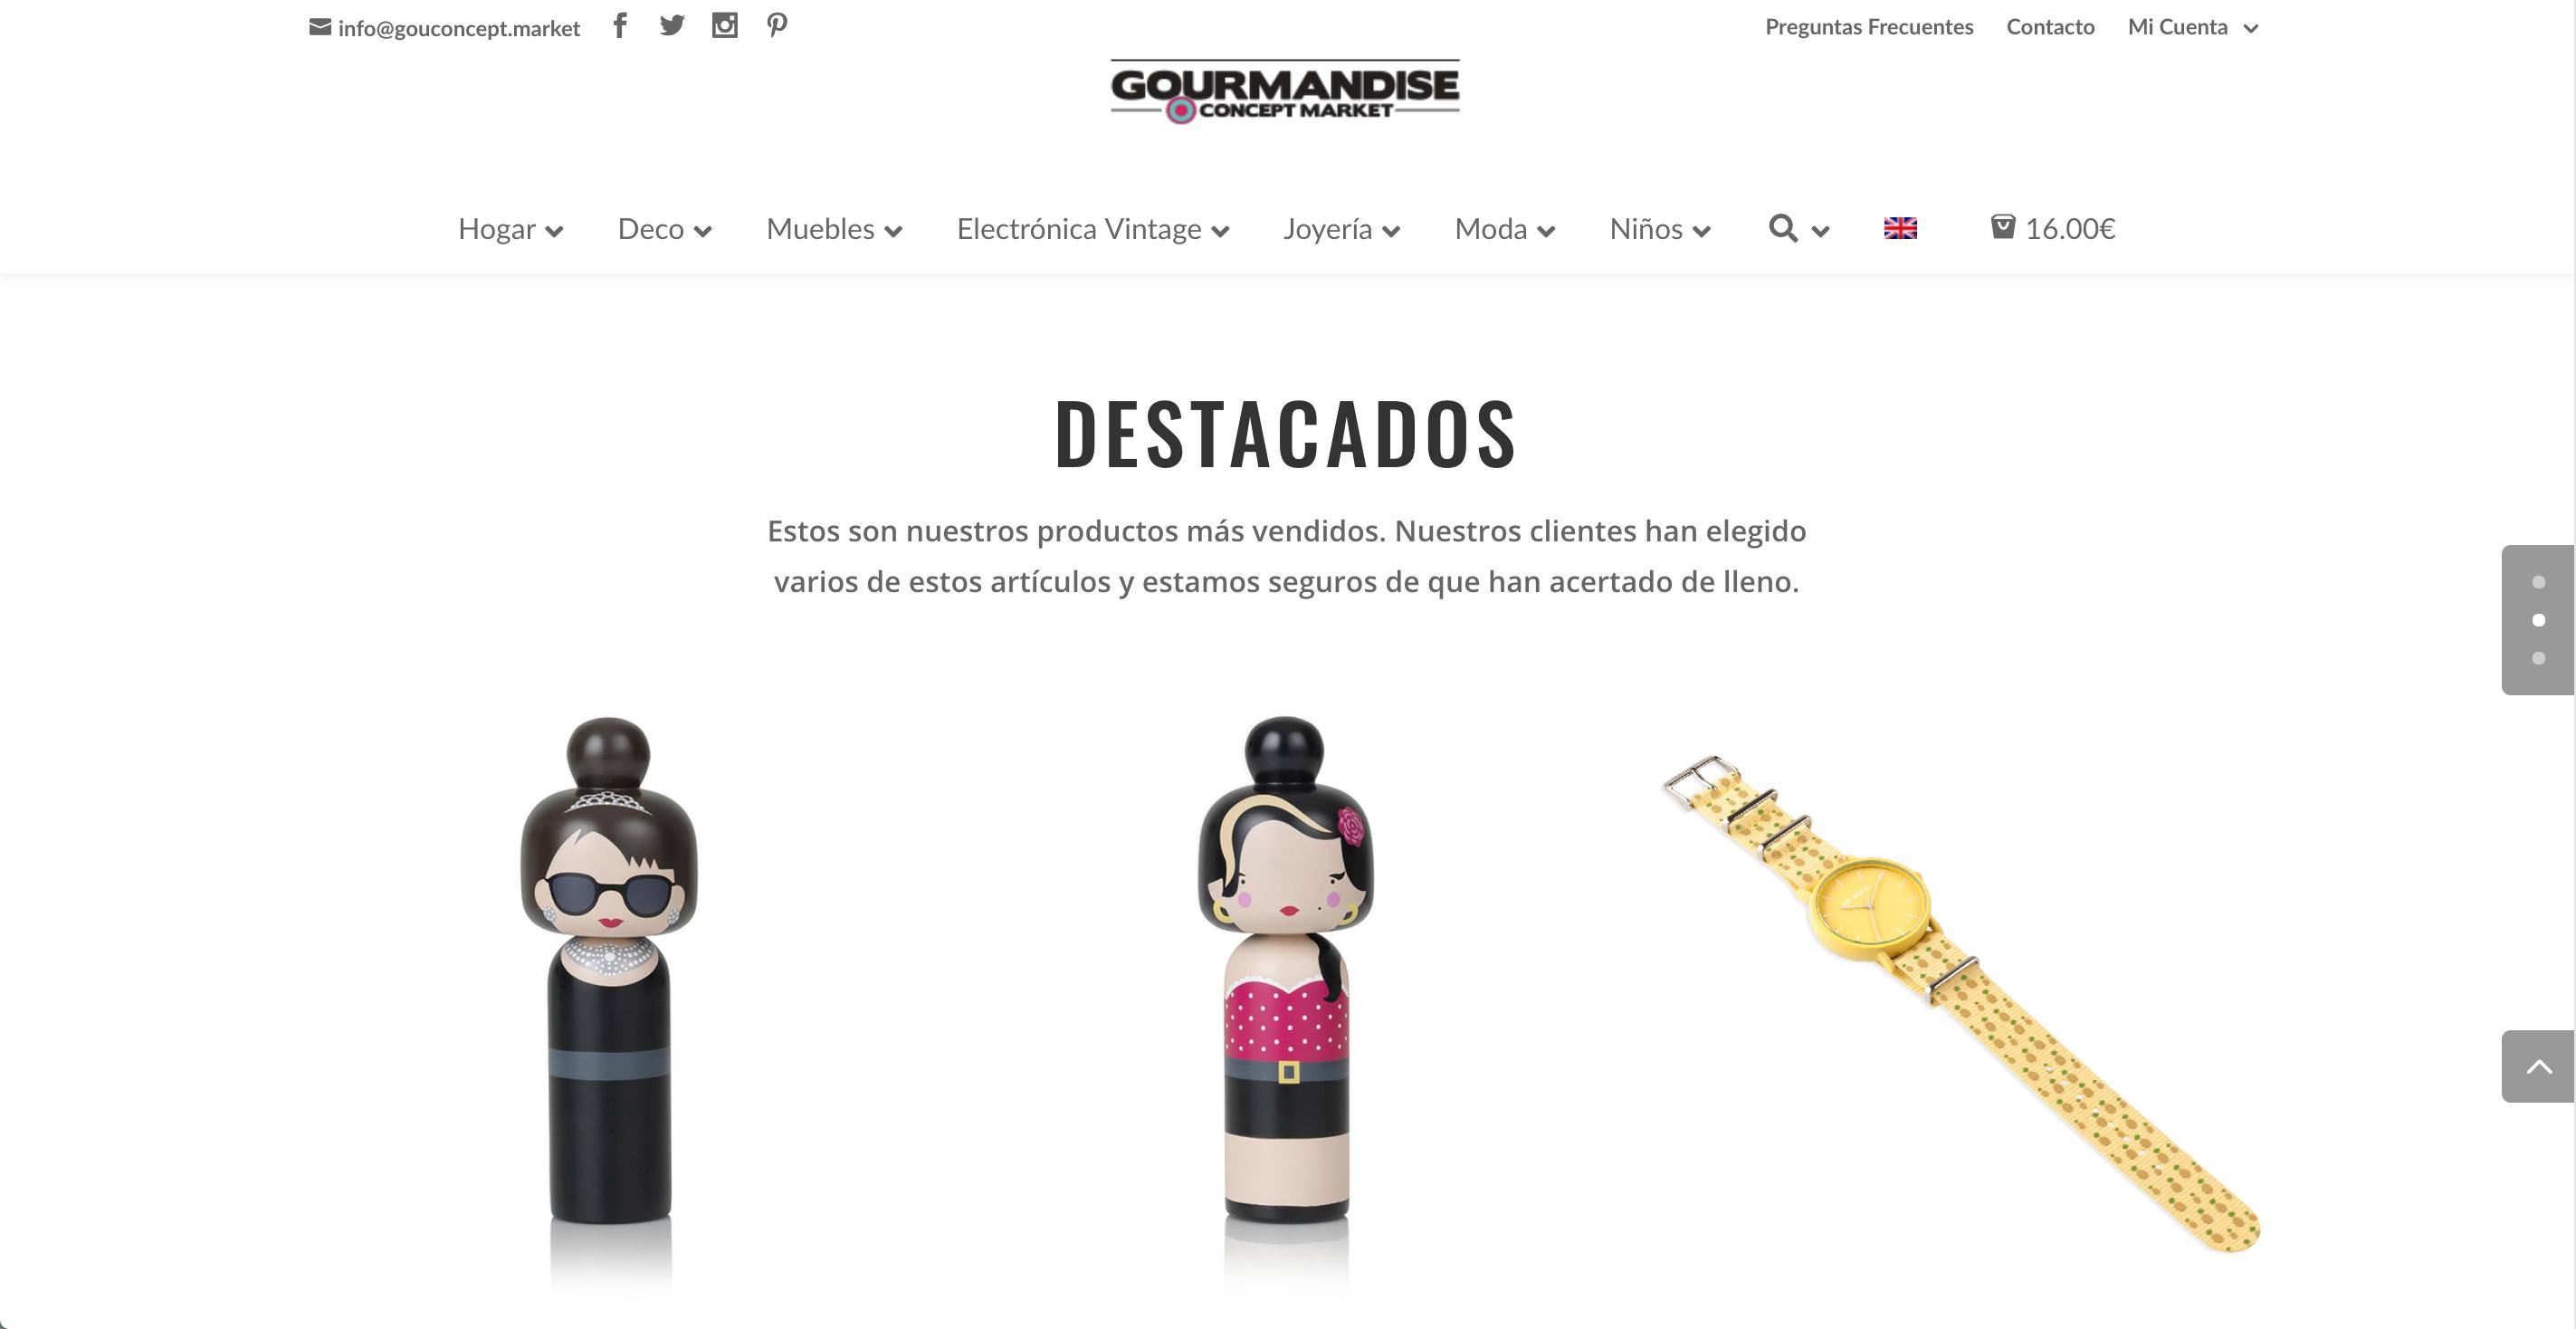 Gourmandise Concept Market